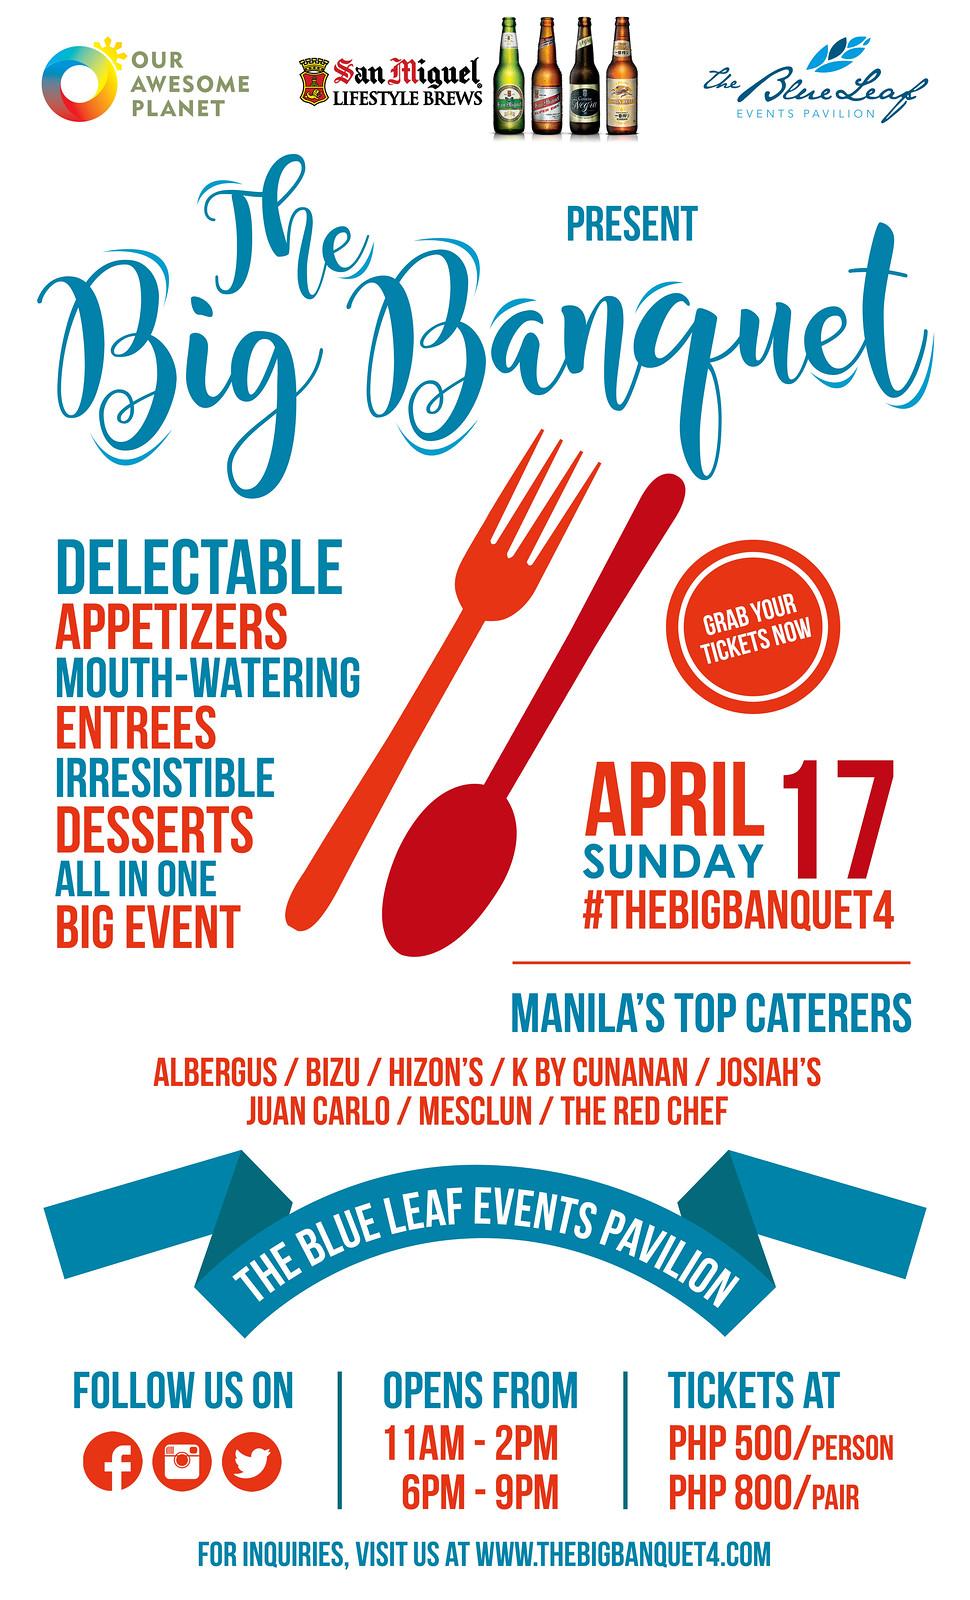 The-Big-Banquet-4-Poster